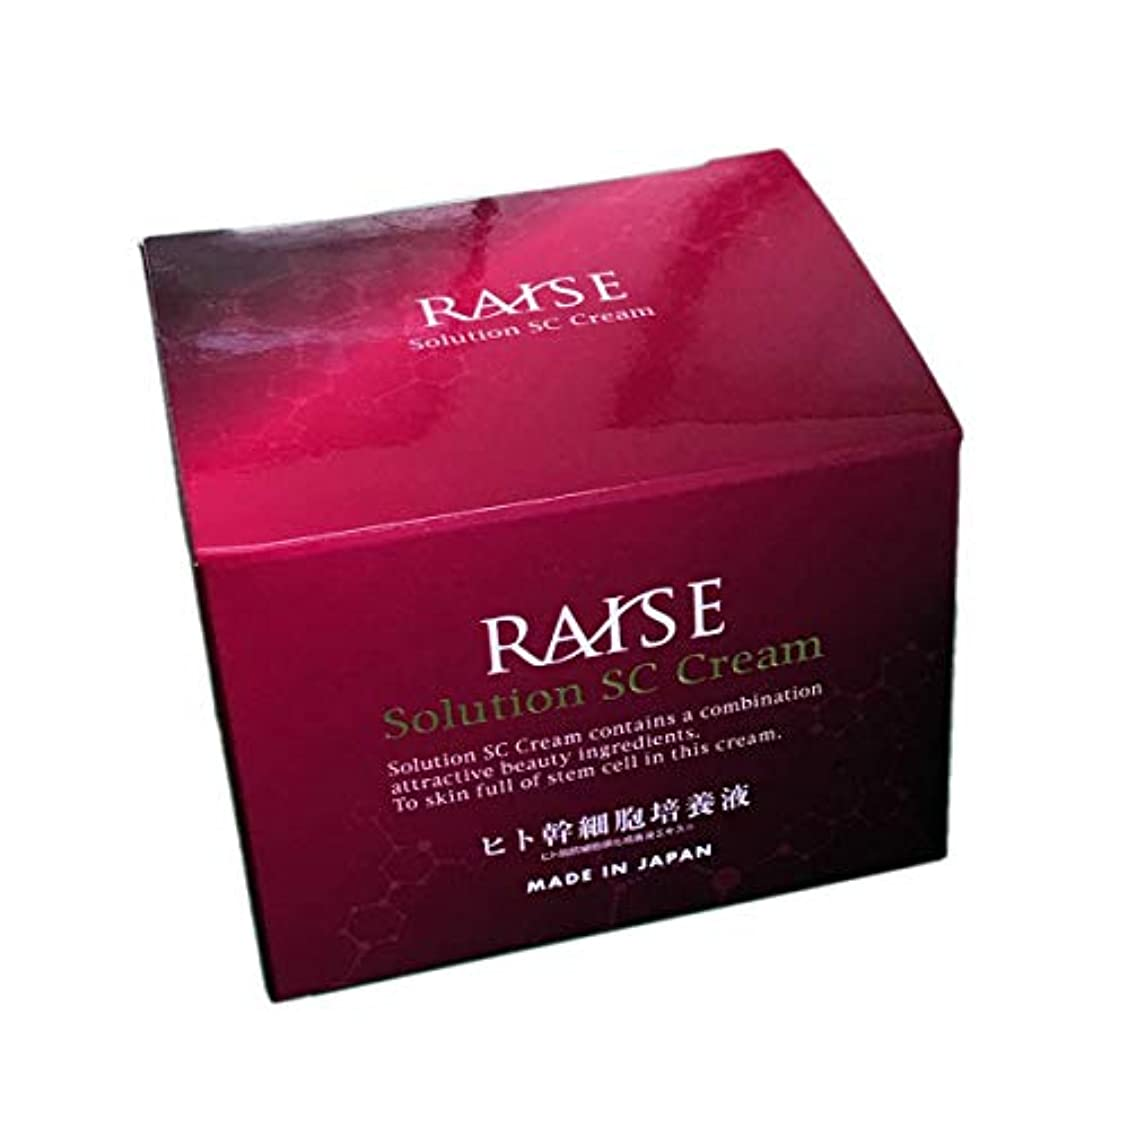 速報健全一節RAISE (レイズ) ソリューション SCクリーム 幹細胞+活性型FGF クリーム 30g